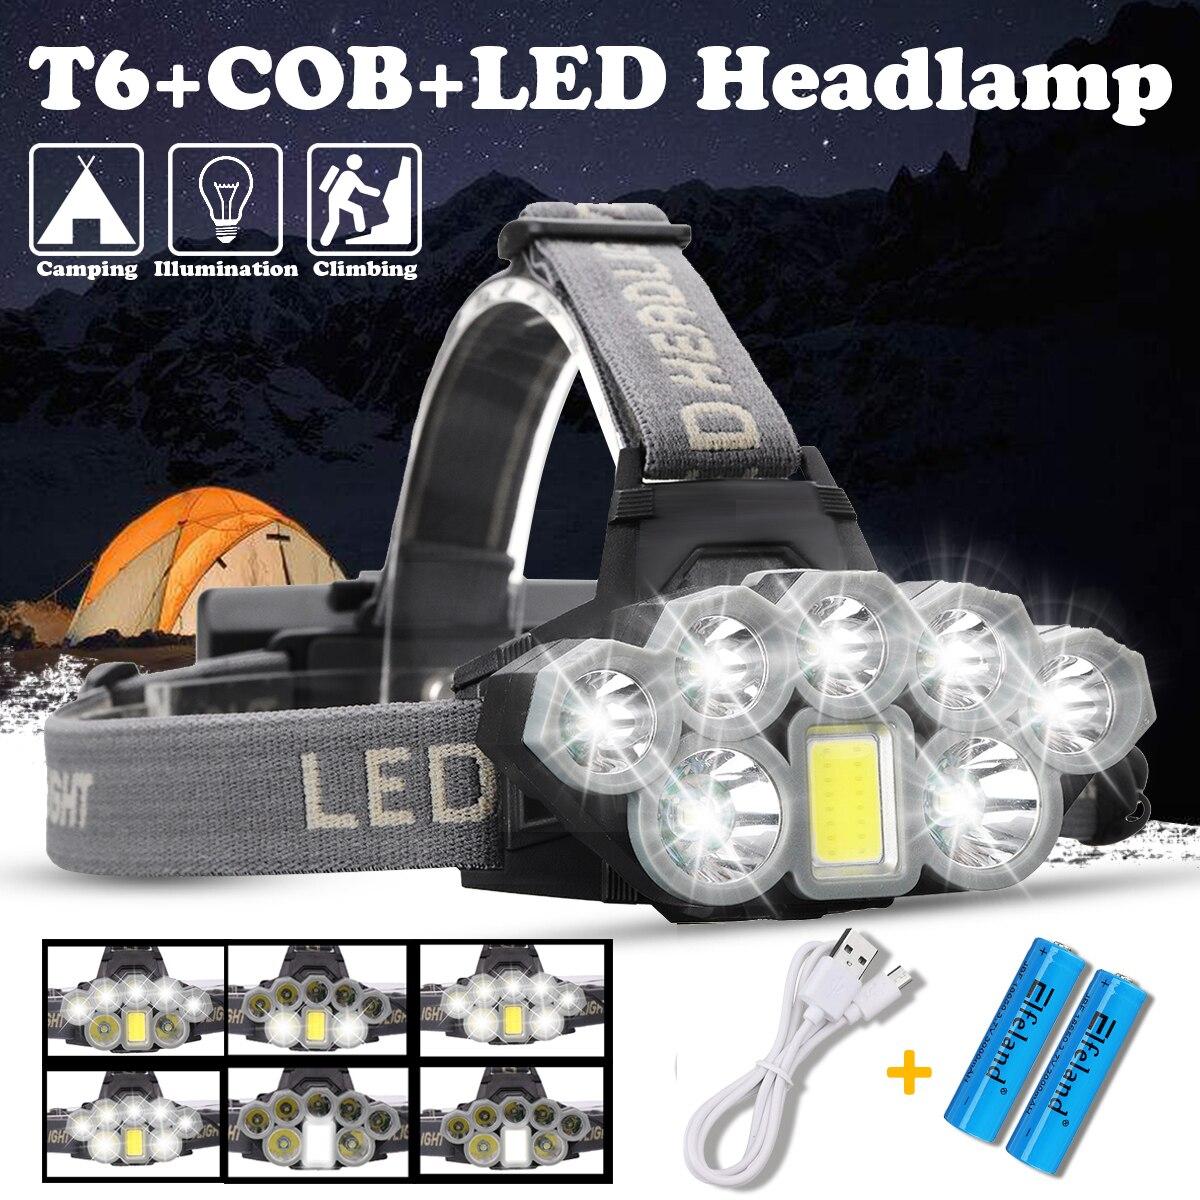 USB Aufladbare Scheinwerfer 80000lm Scheinwerfer 2 * T6 + 5 * Q5 + 1 * COB LED Kopf Lampe Taschenlampe taschenlampe Kopf Licht Laterne 18650 Batterie